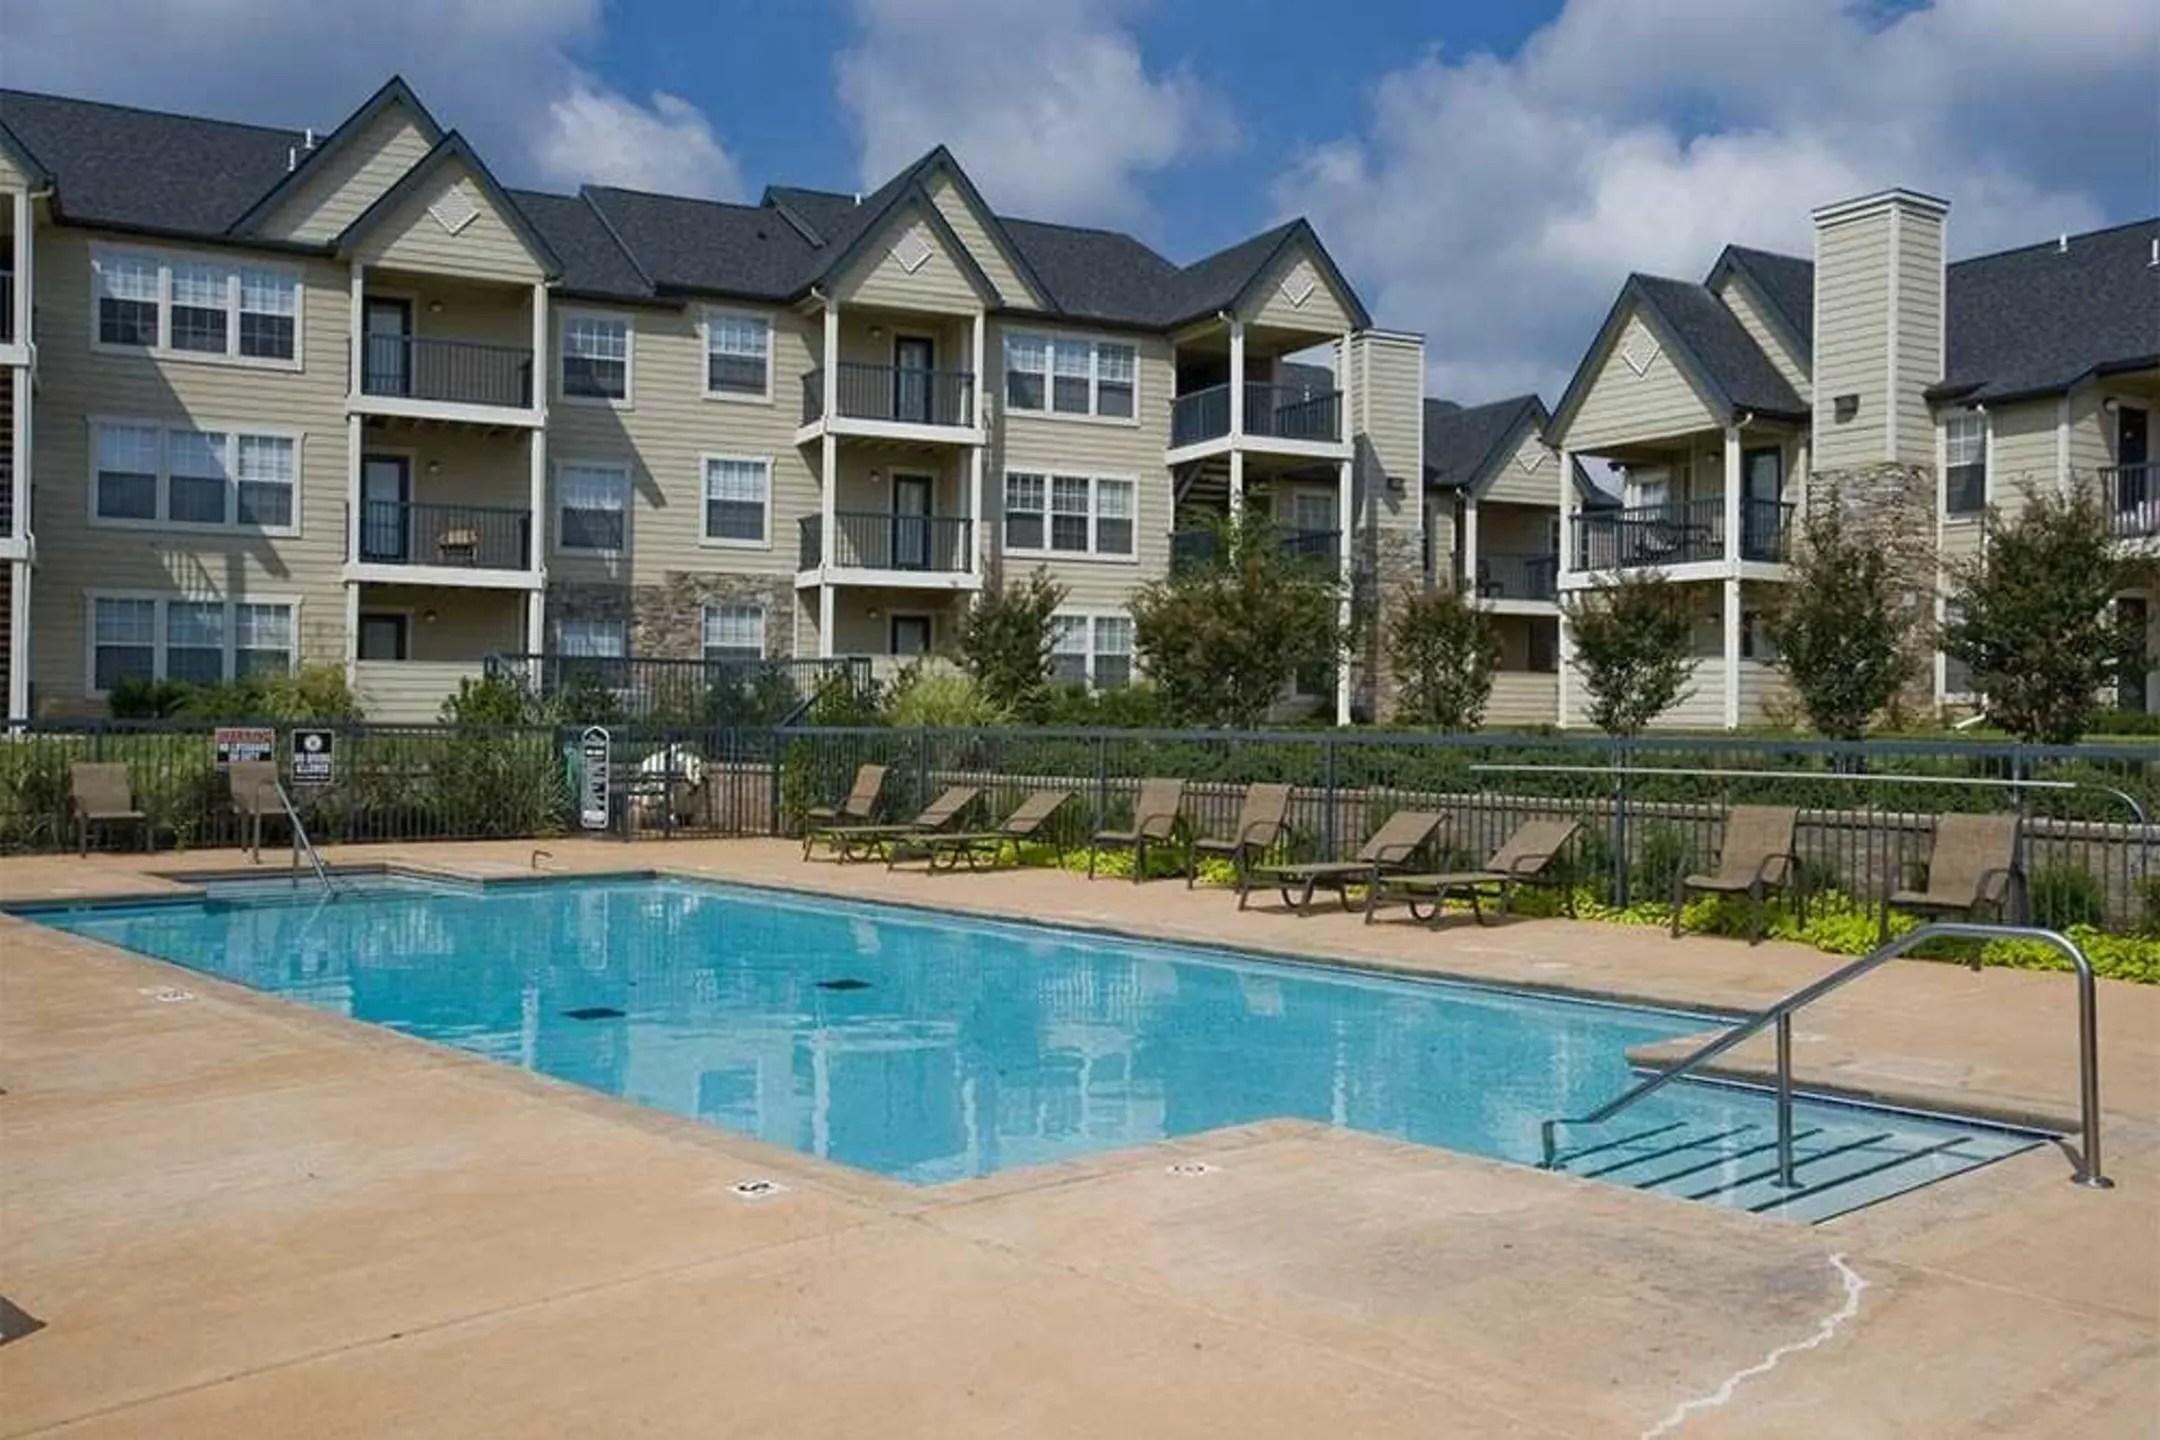 Villas At Stonebridge Apartments  Edmond OK 73013